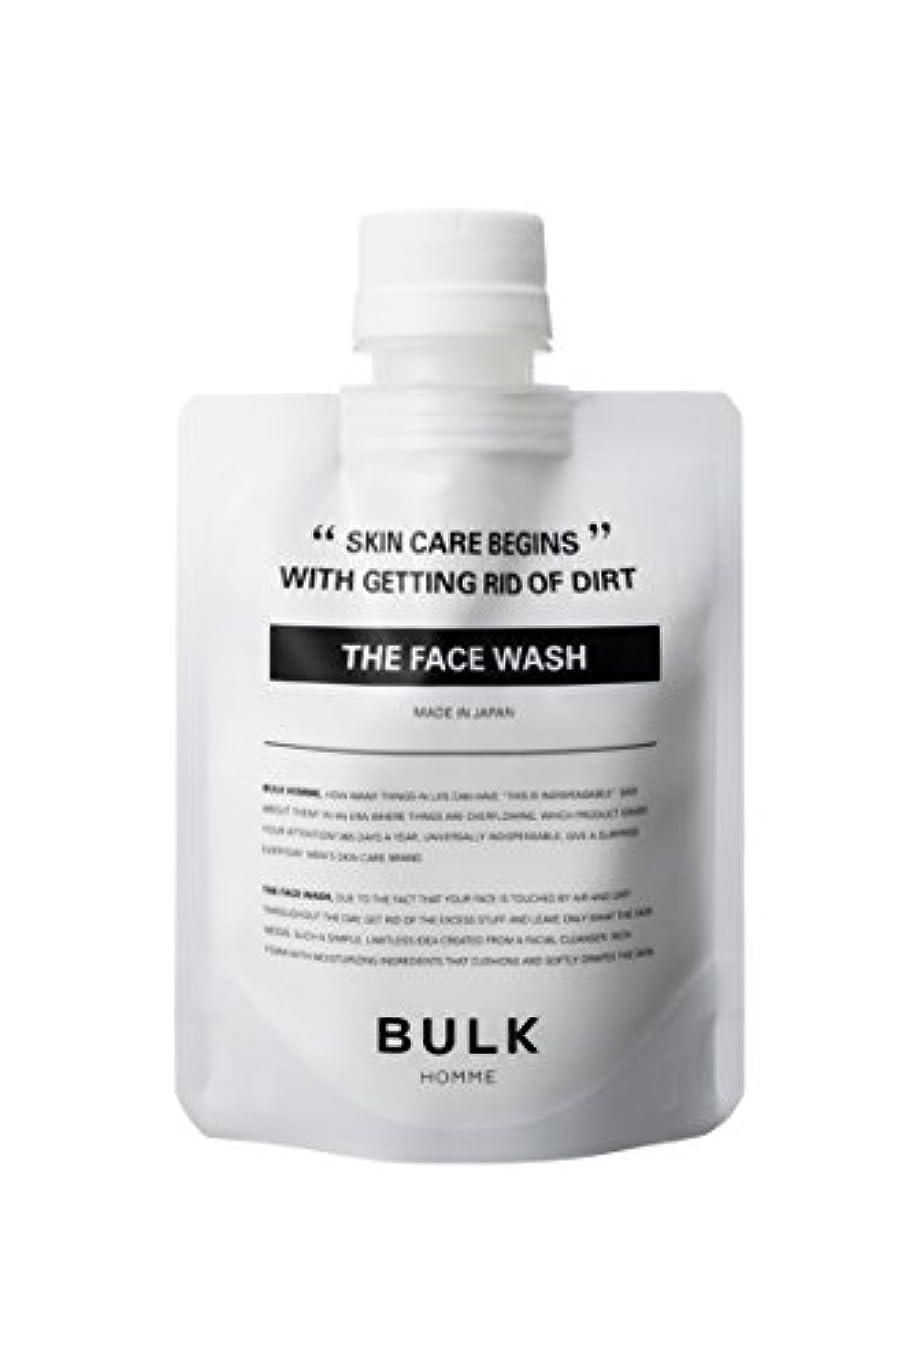 オーナー気分明るいBULK HOMME THE FACE WASH 洗顔料 100g